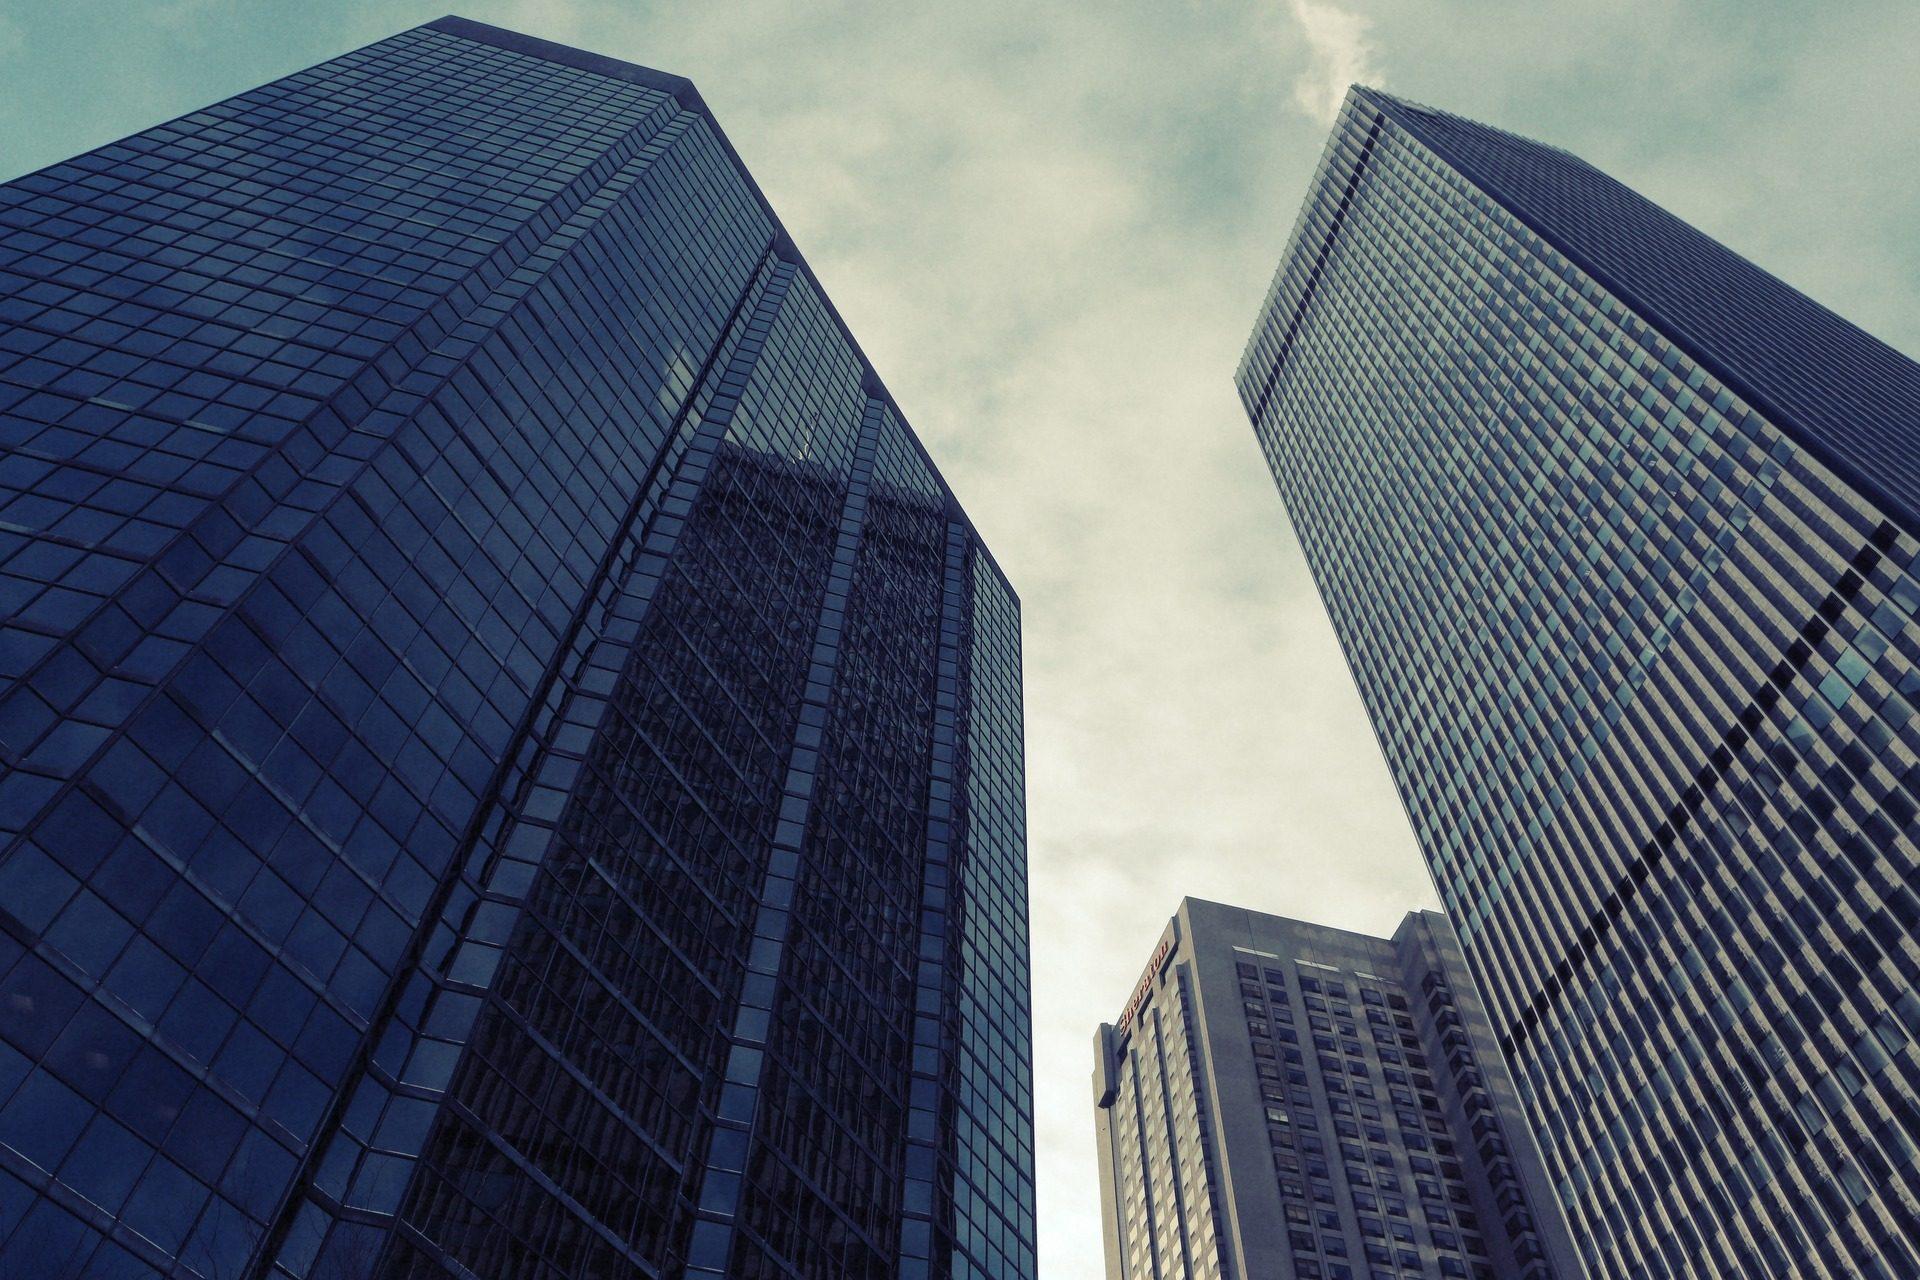 edifícios, arranha-céu, altura, Cidade, plantas - Papéis de parede HD - Professor-falken.com